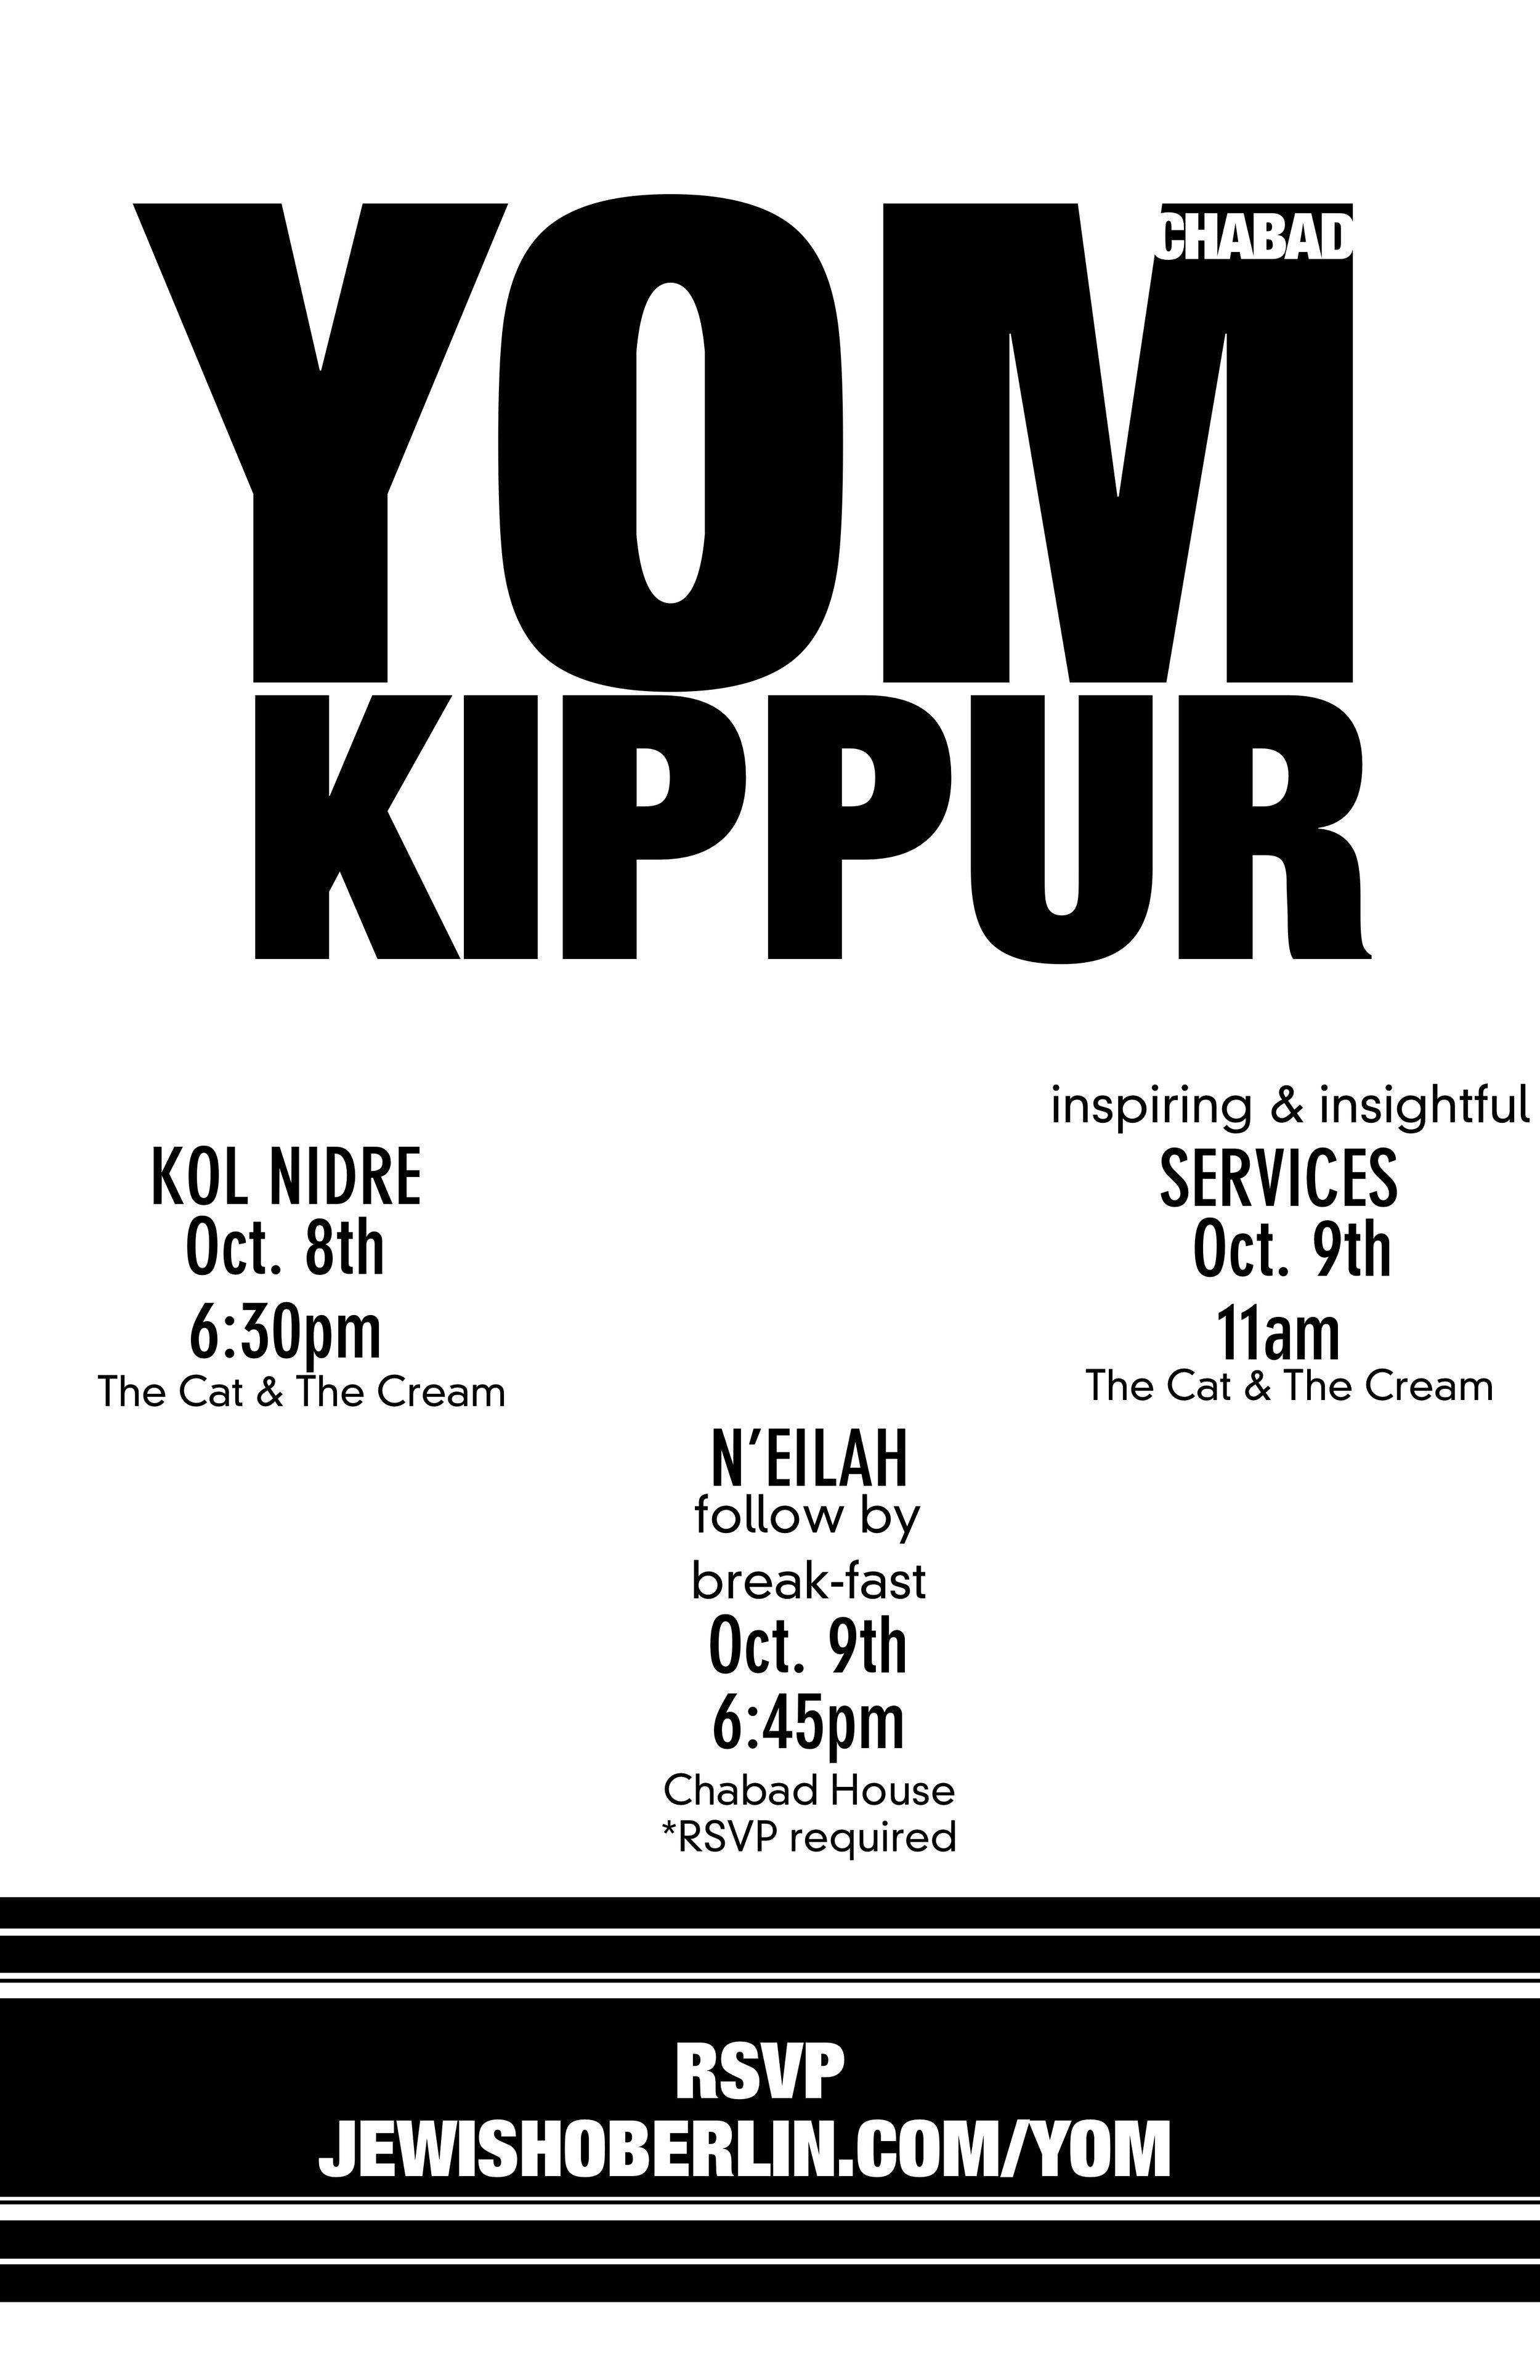 Yom Kippur 2019 copy.jpg